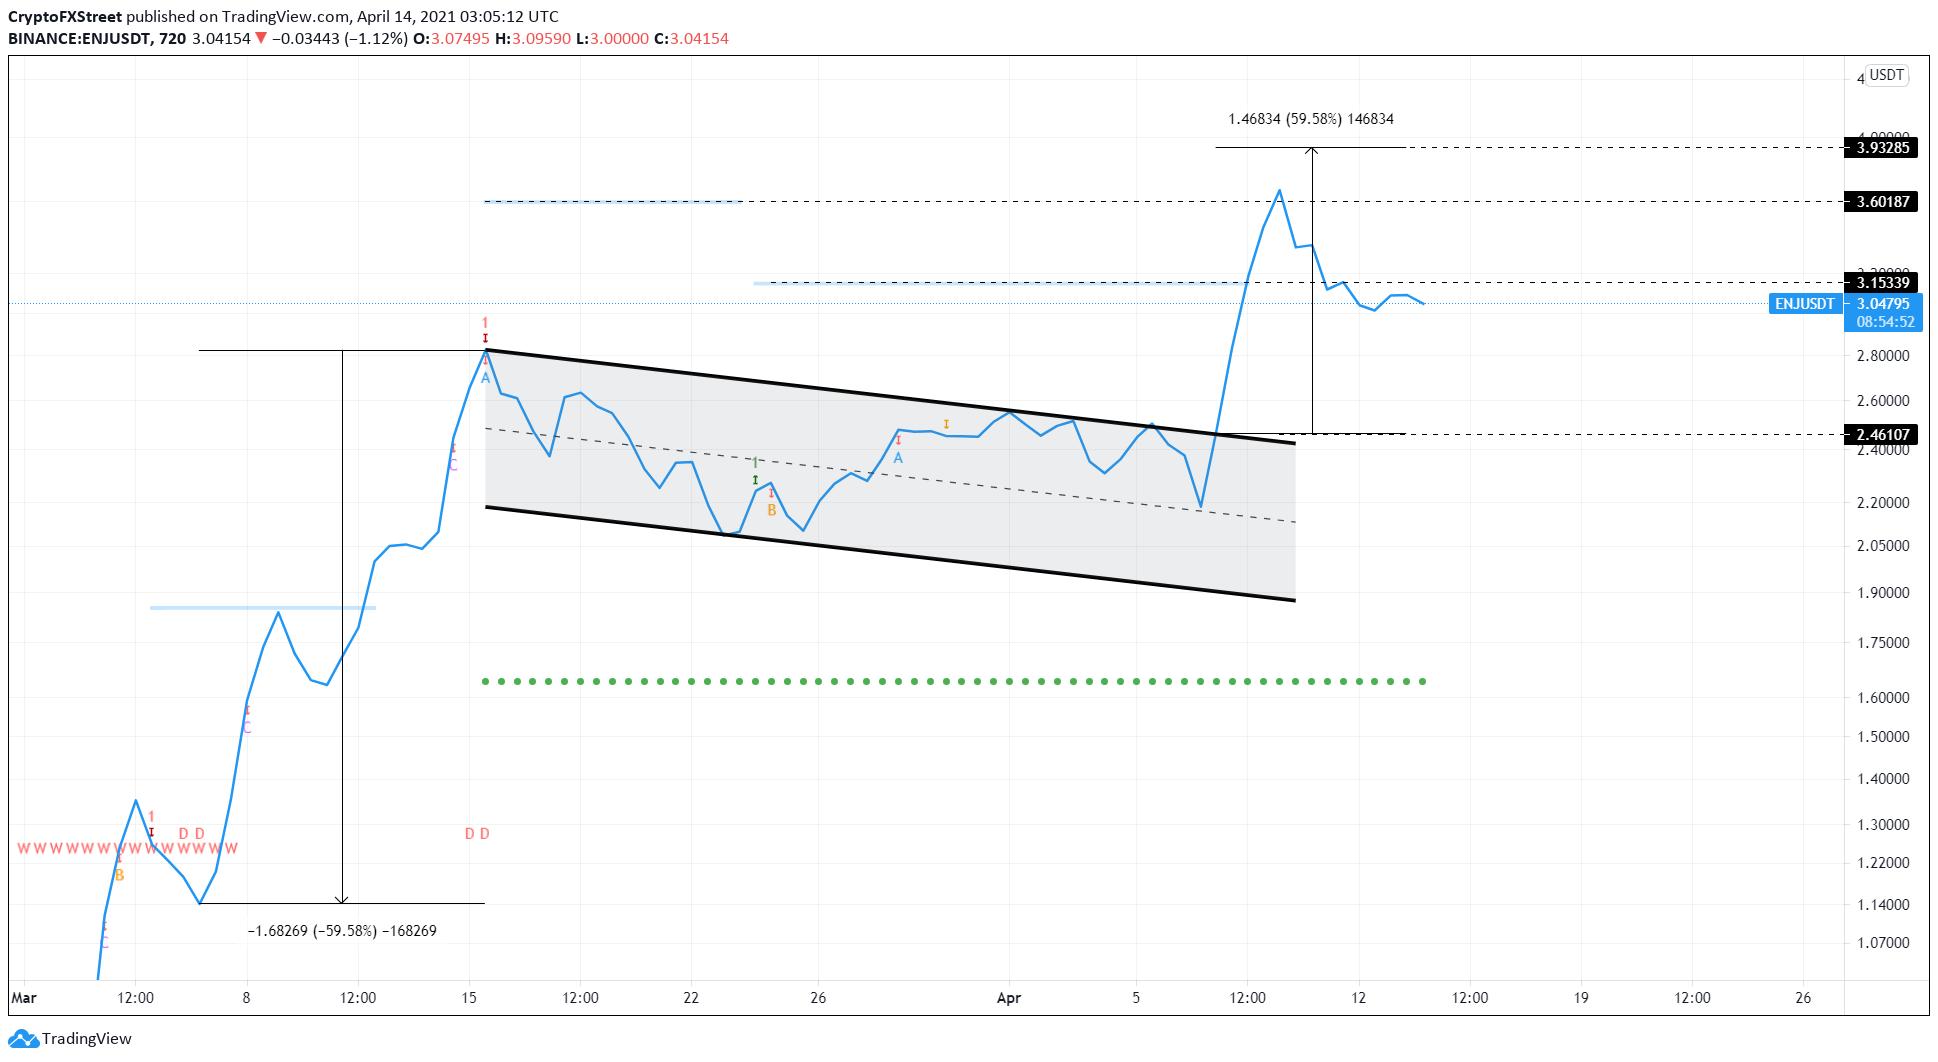 ENJ/USDT 12-HOUR CHART